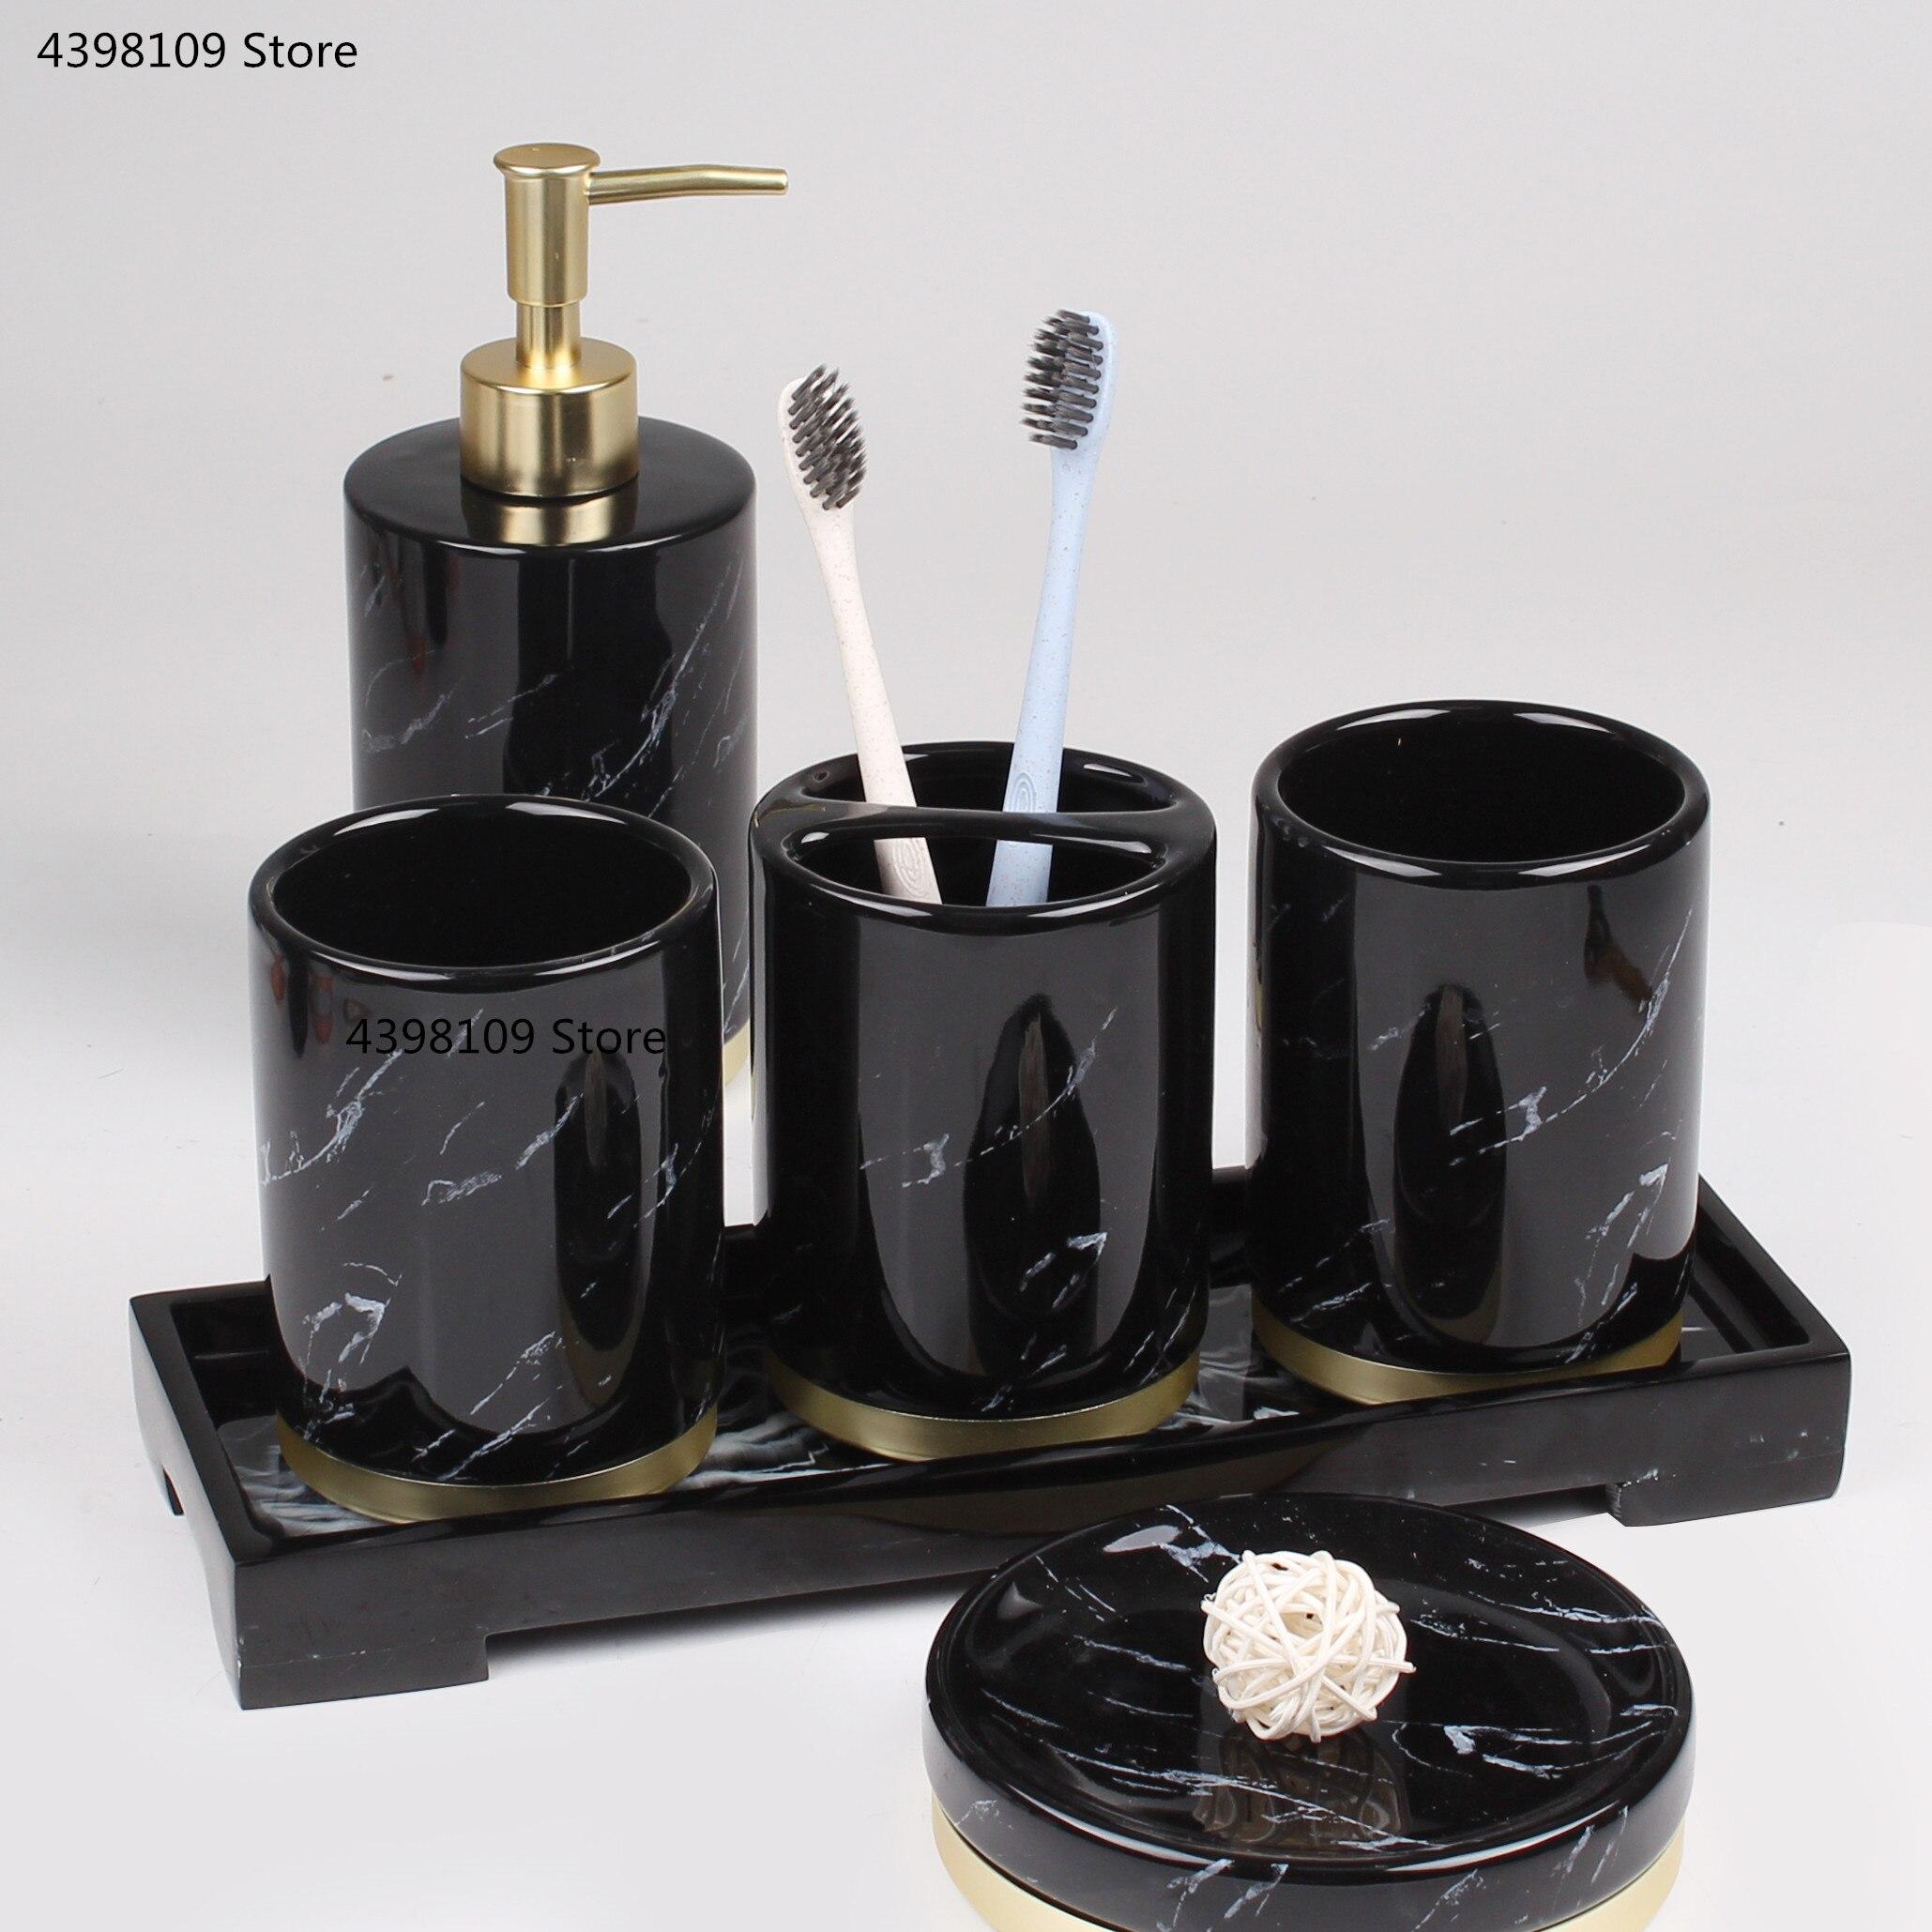 Schwarz marmor textur keramik bad lieferungen/bad zubehör mit dispenser zahnbürste halter seife dispenser tablett